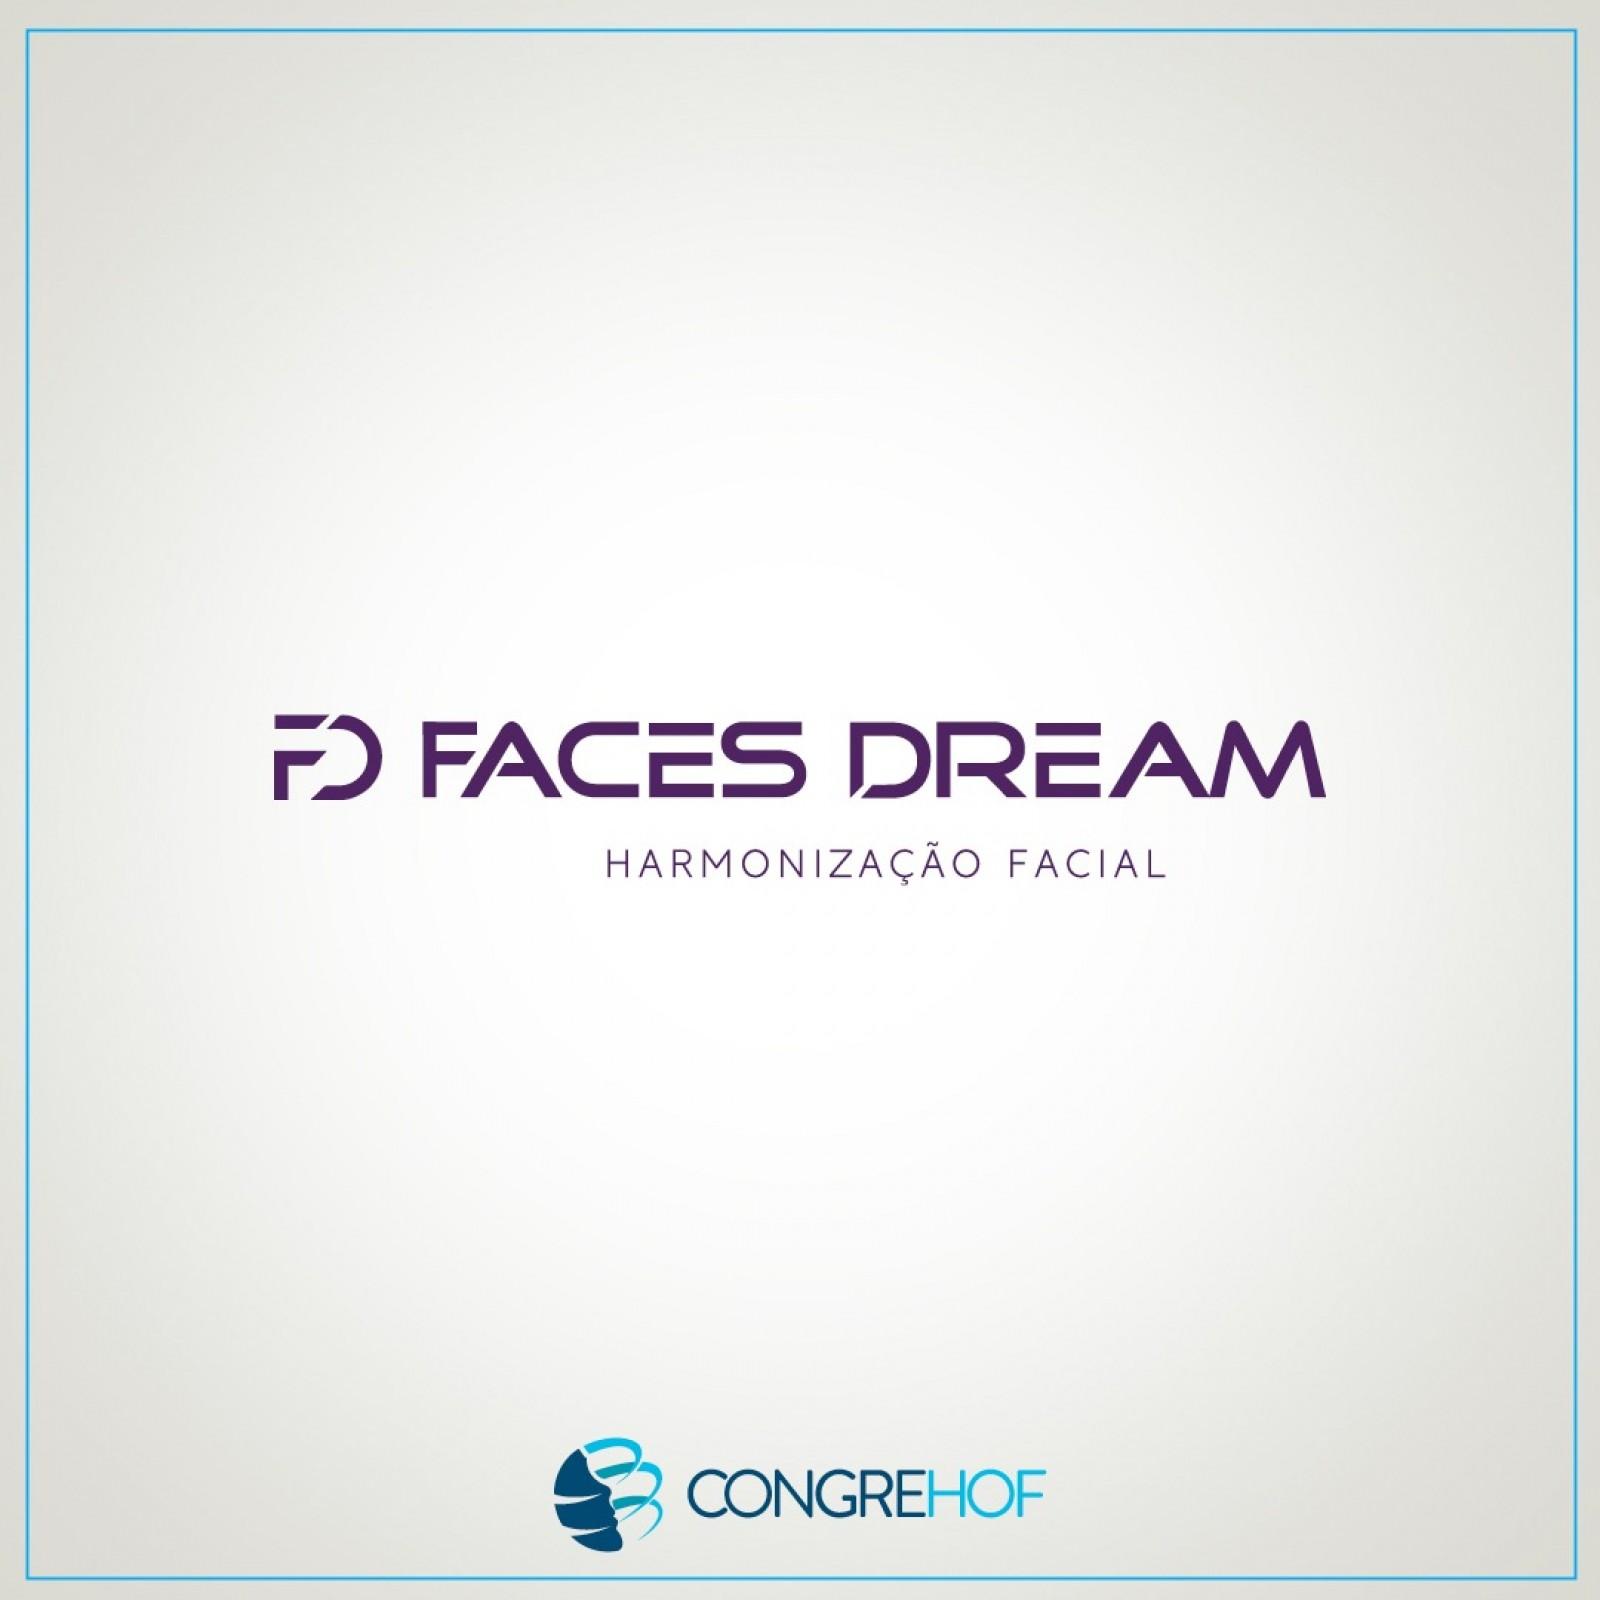 FACES DREAM